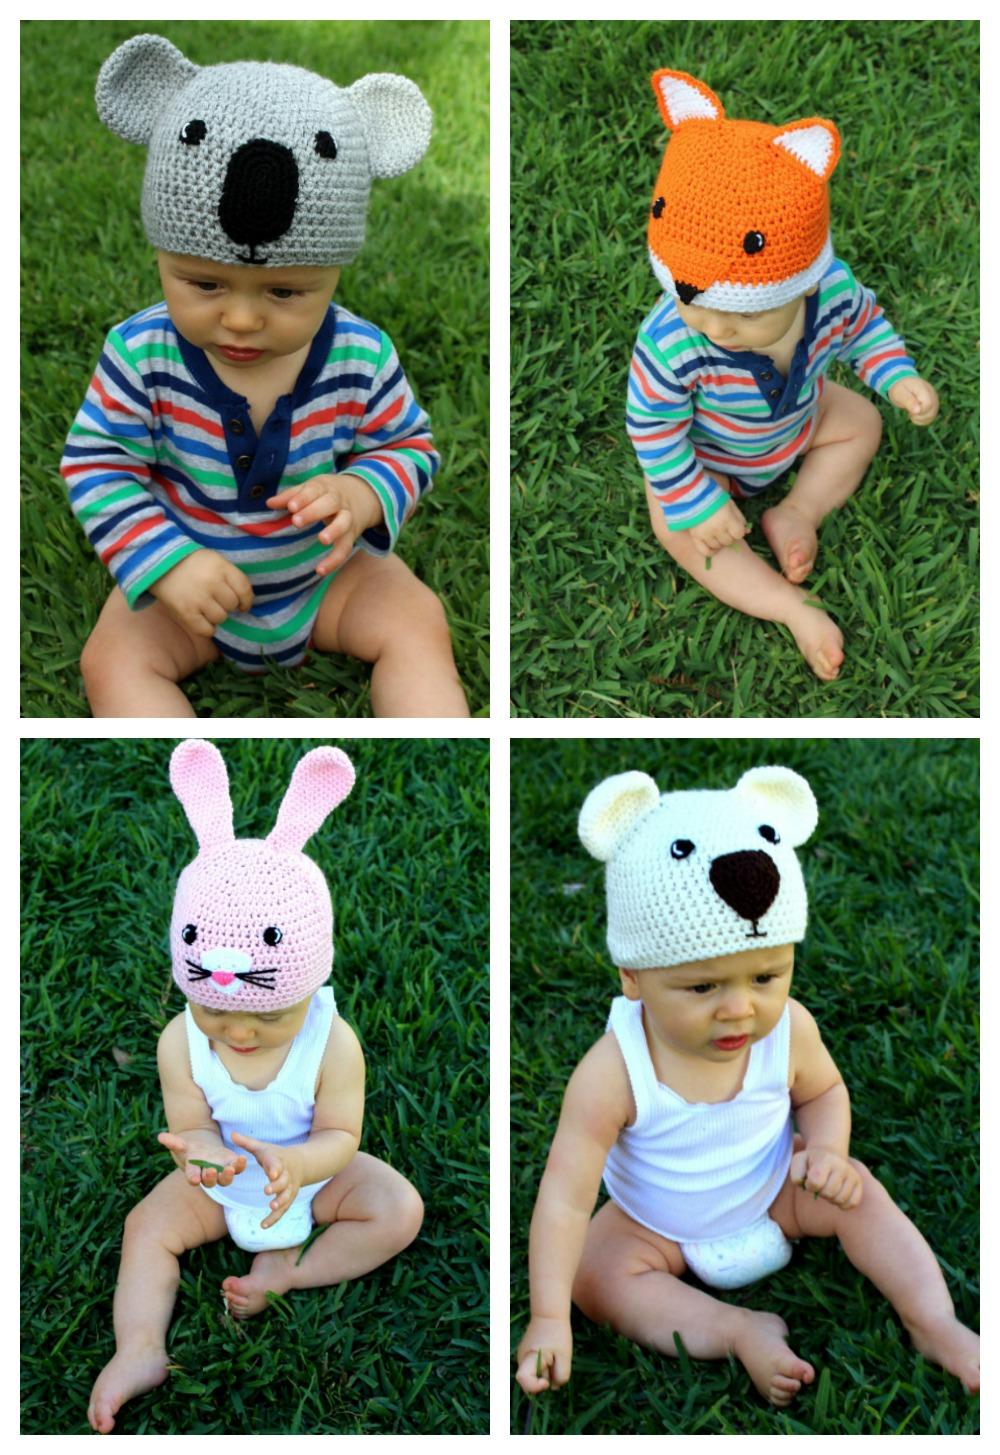 Cute baby beanies